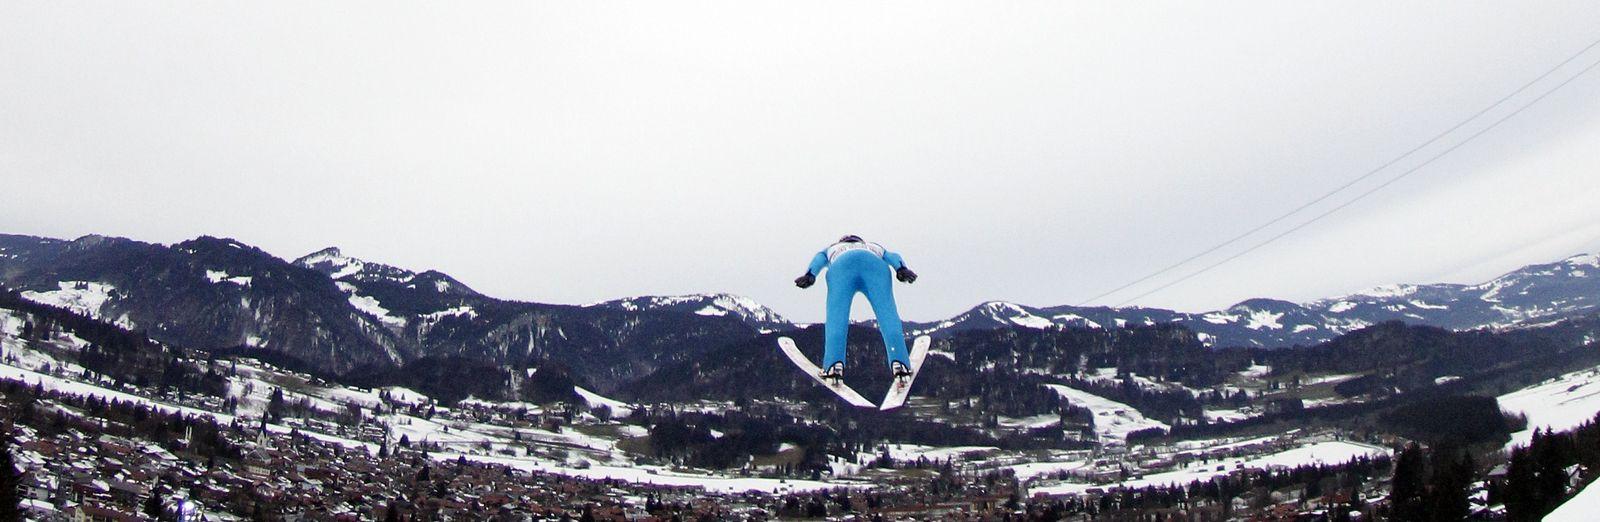 SKI JUMPING/HILLS